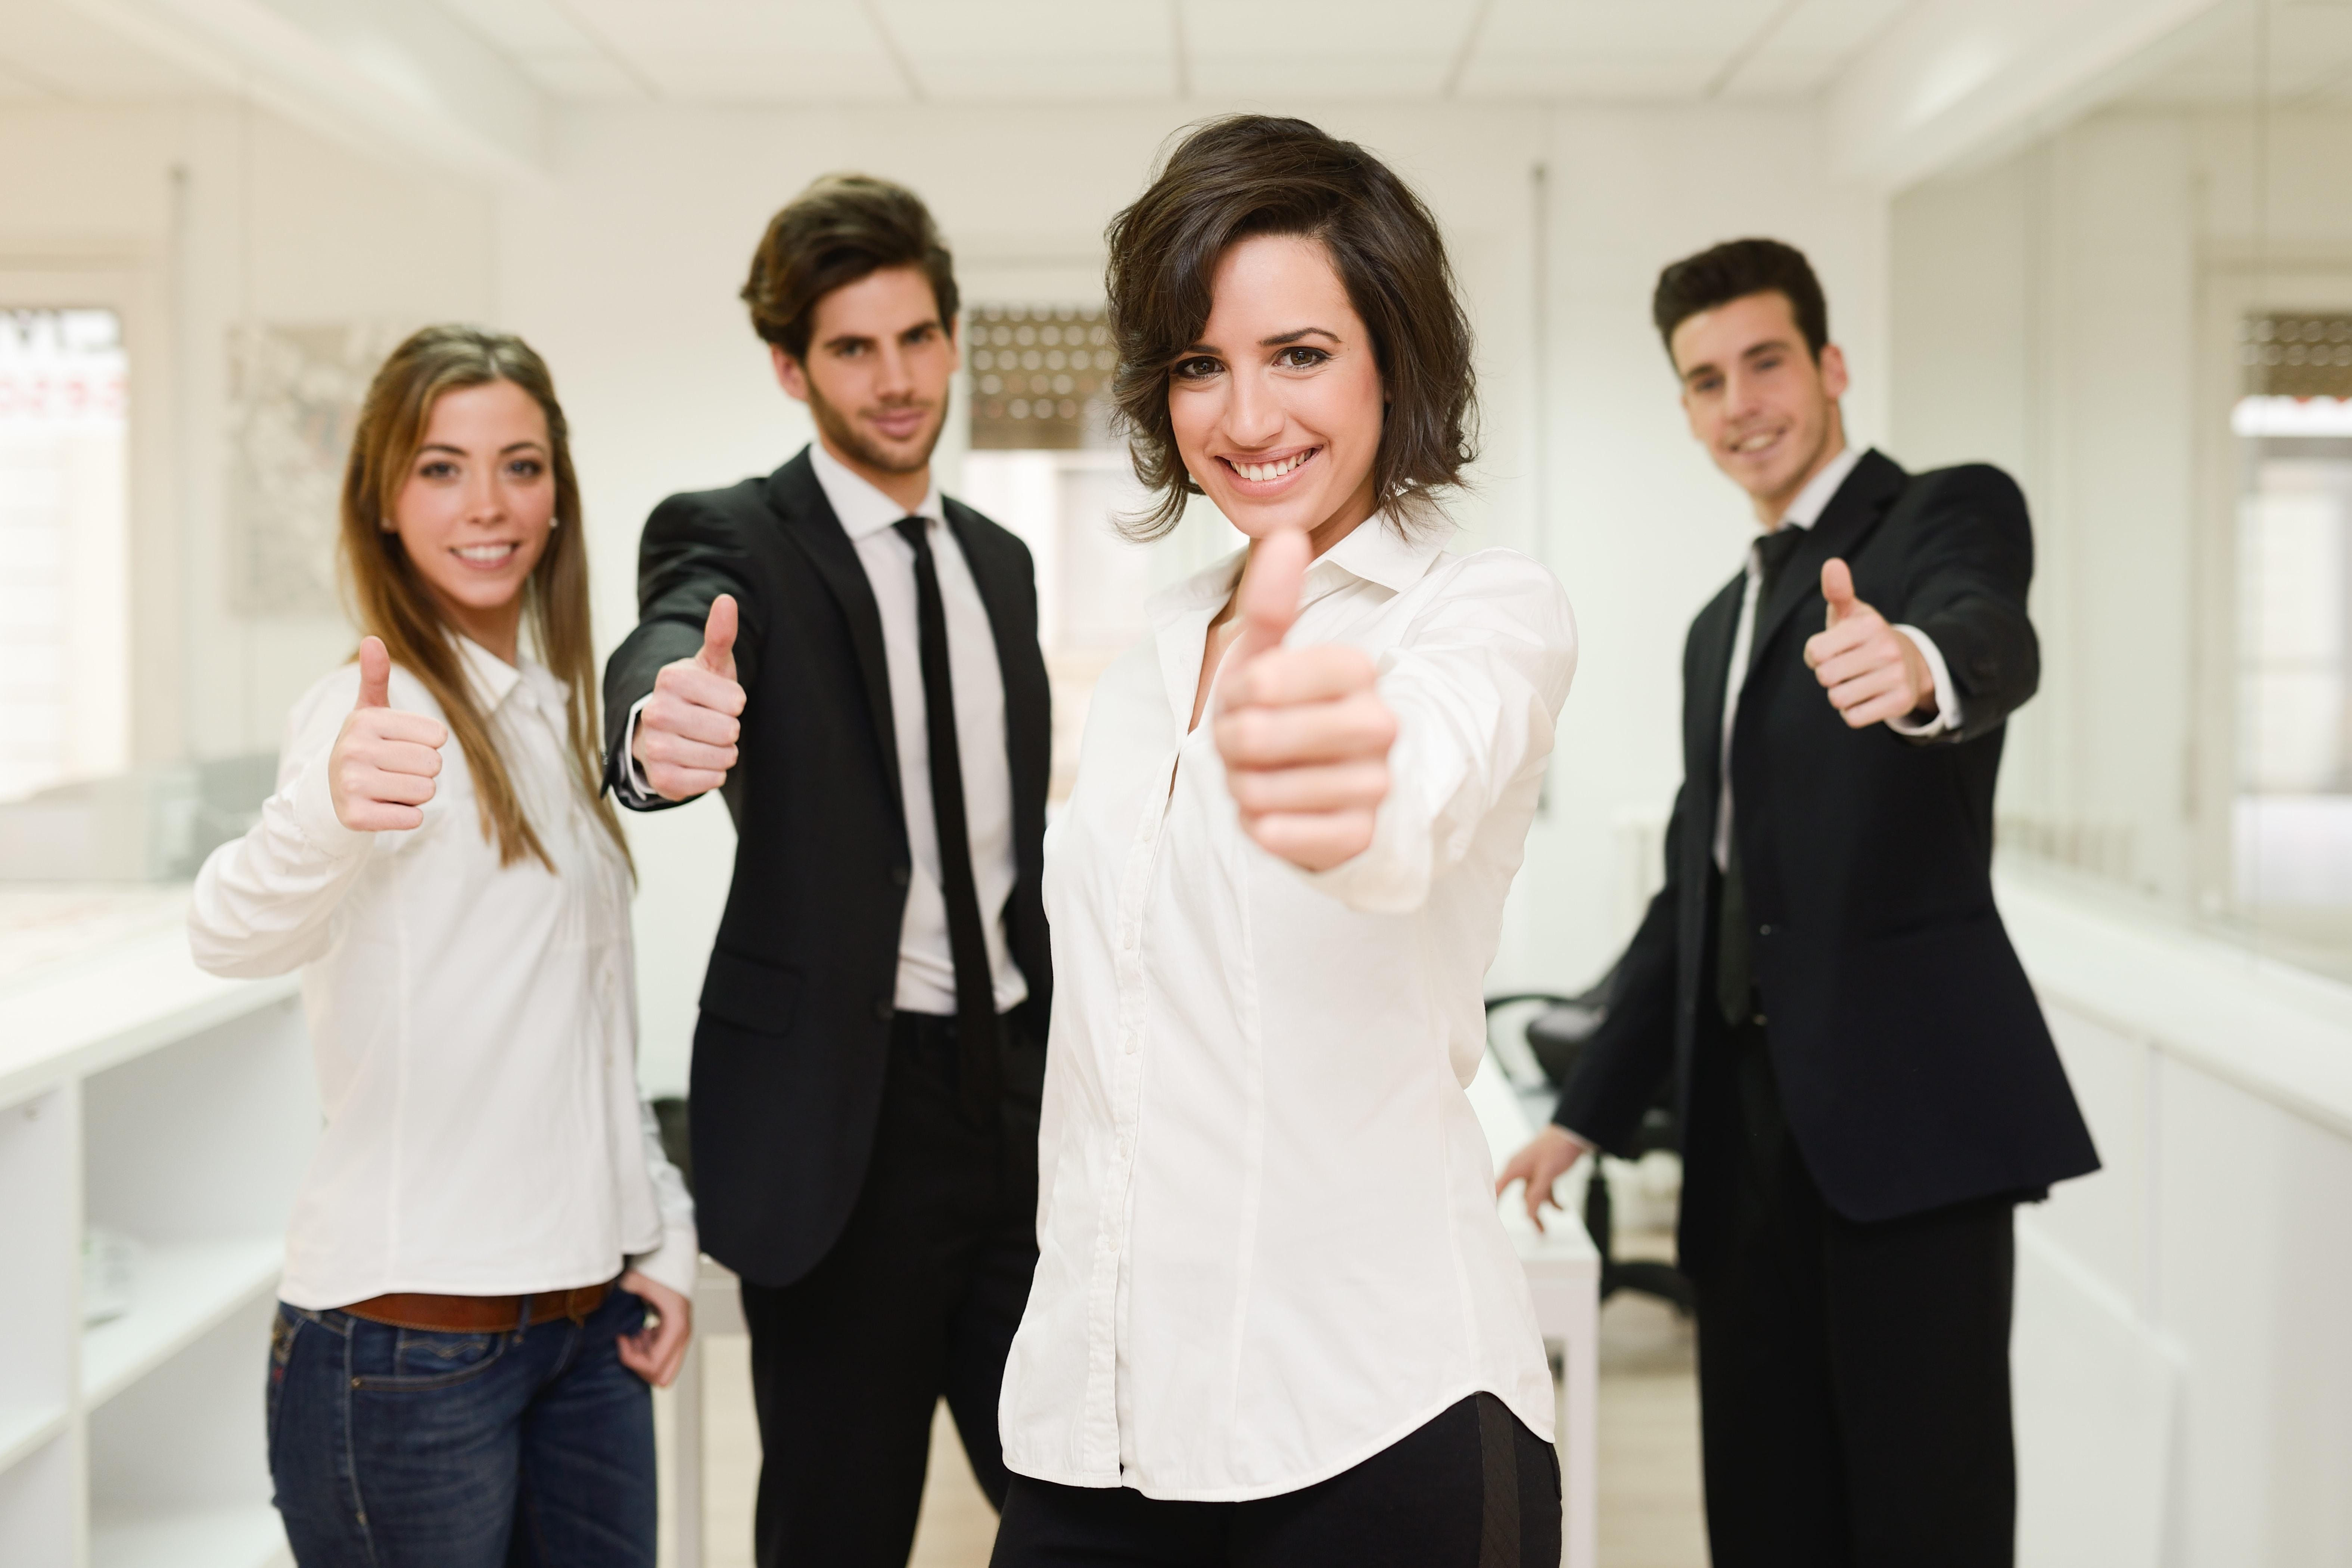 Candidaturas apoio contratação jovens Estágio Emprego CaF